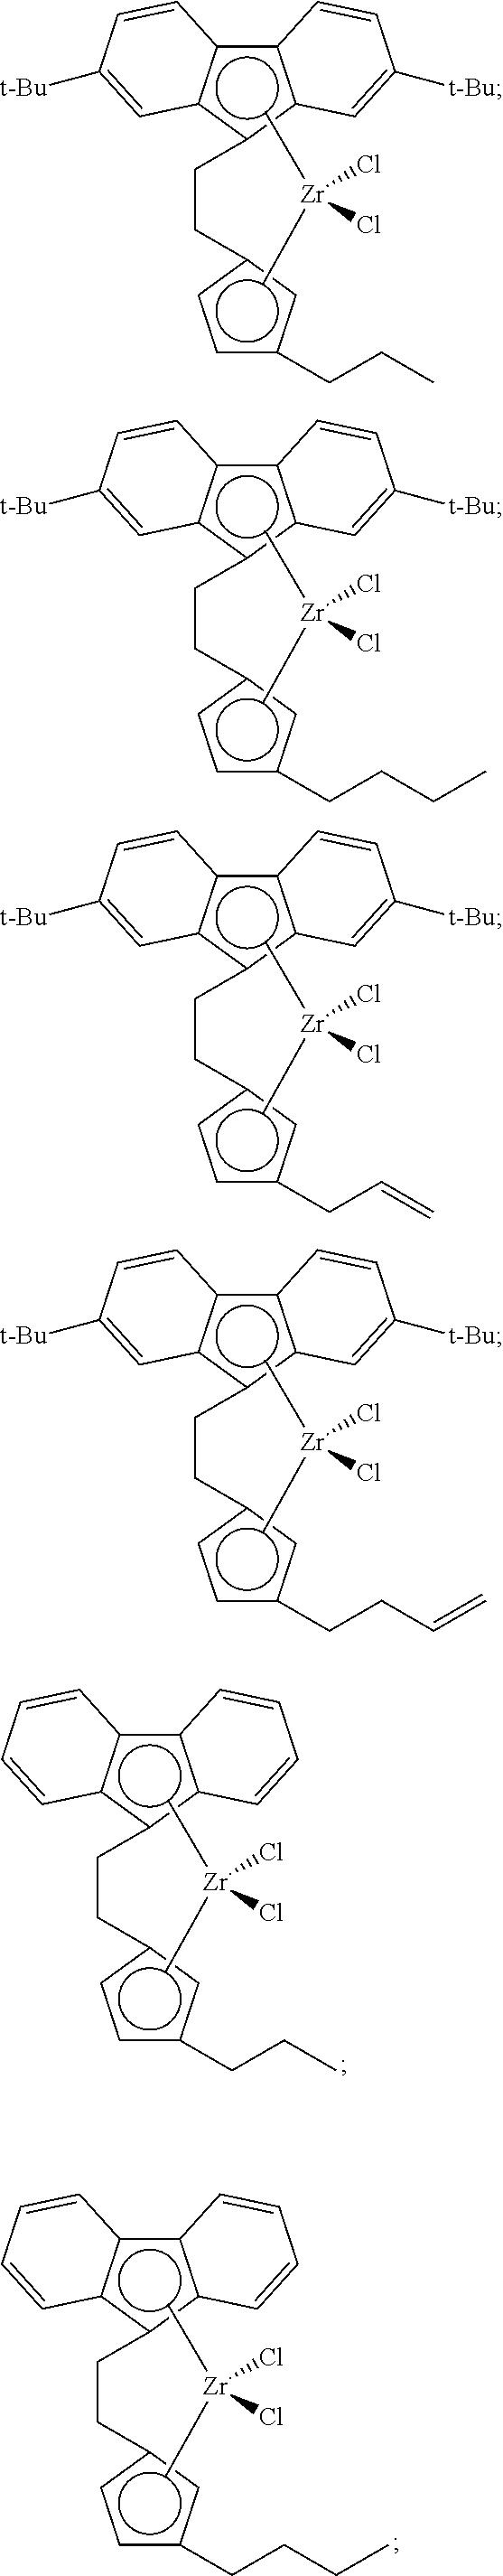 Figure US08288487-20121016-C00037